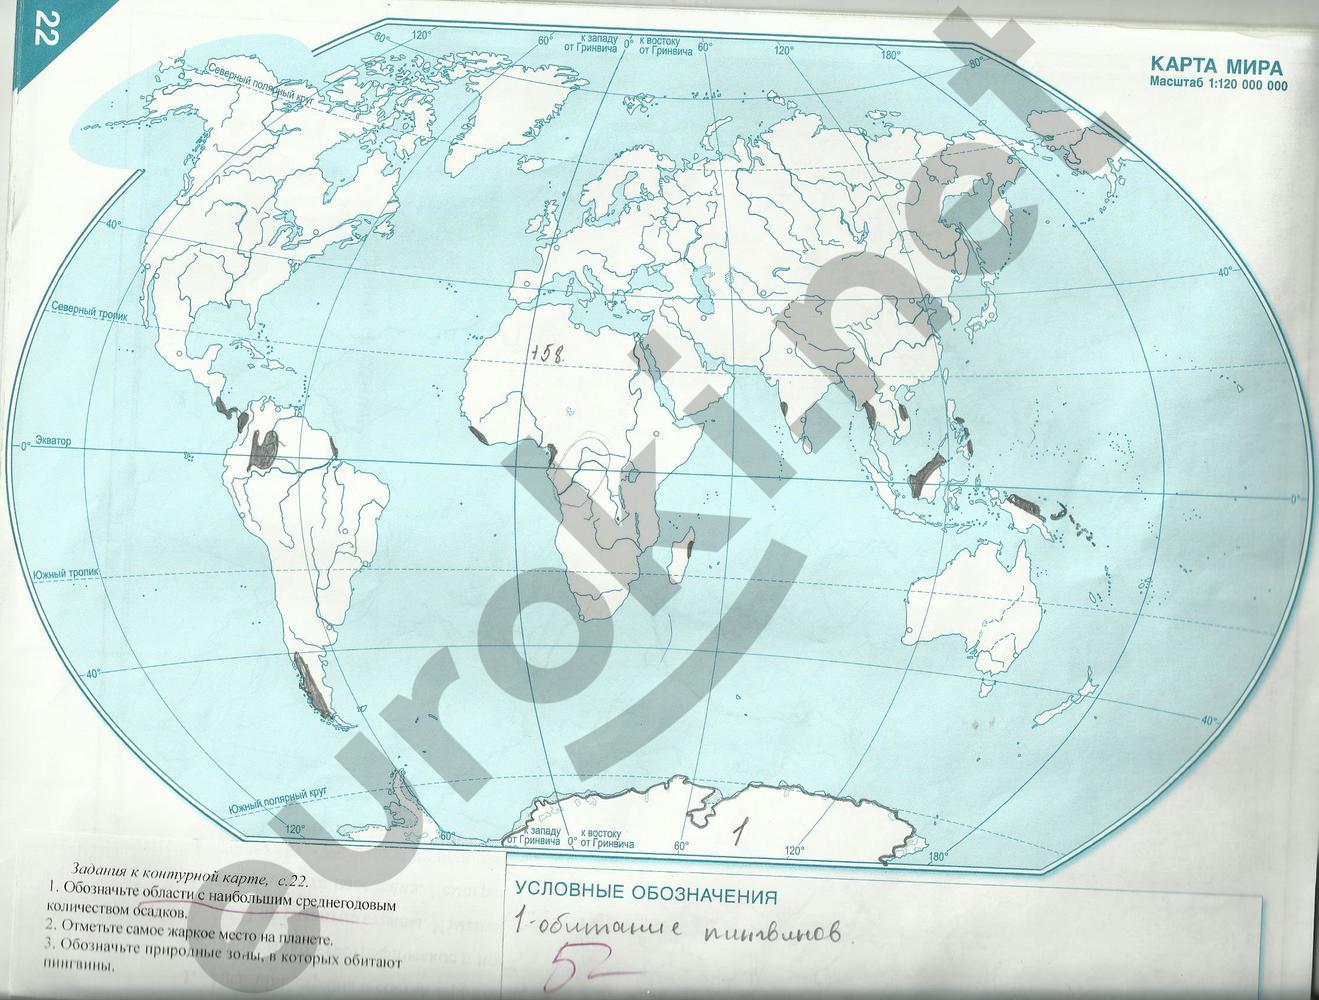 гдз 5 контурные класс по карты плешаков географии гдз